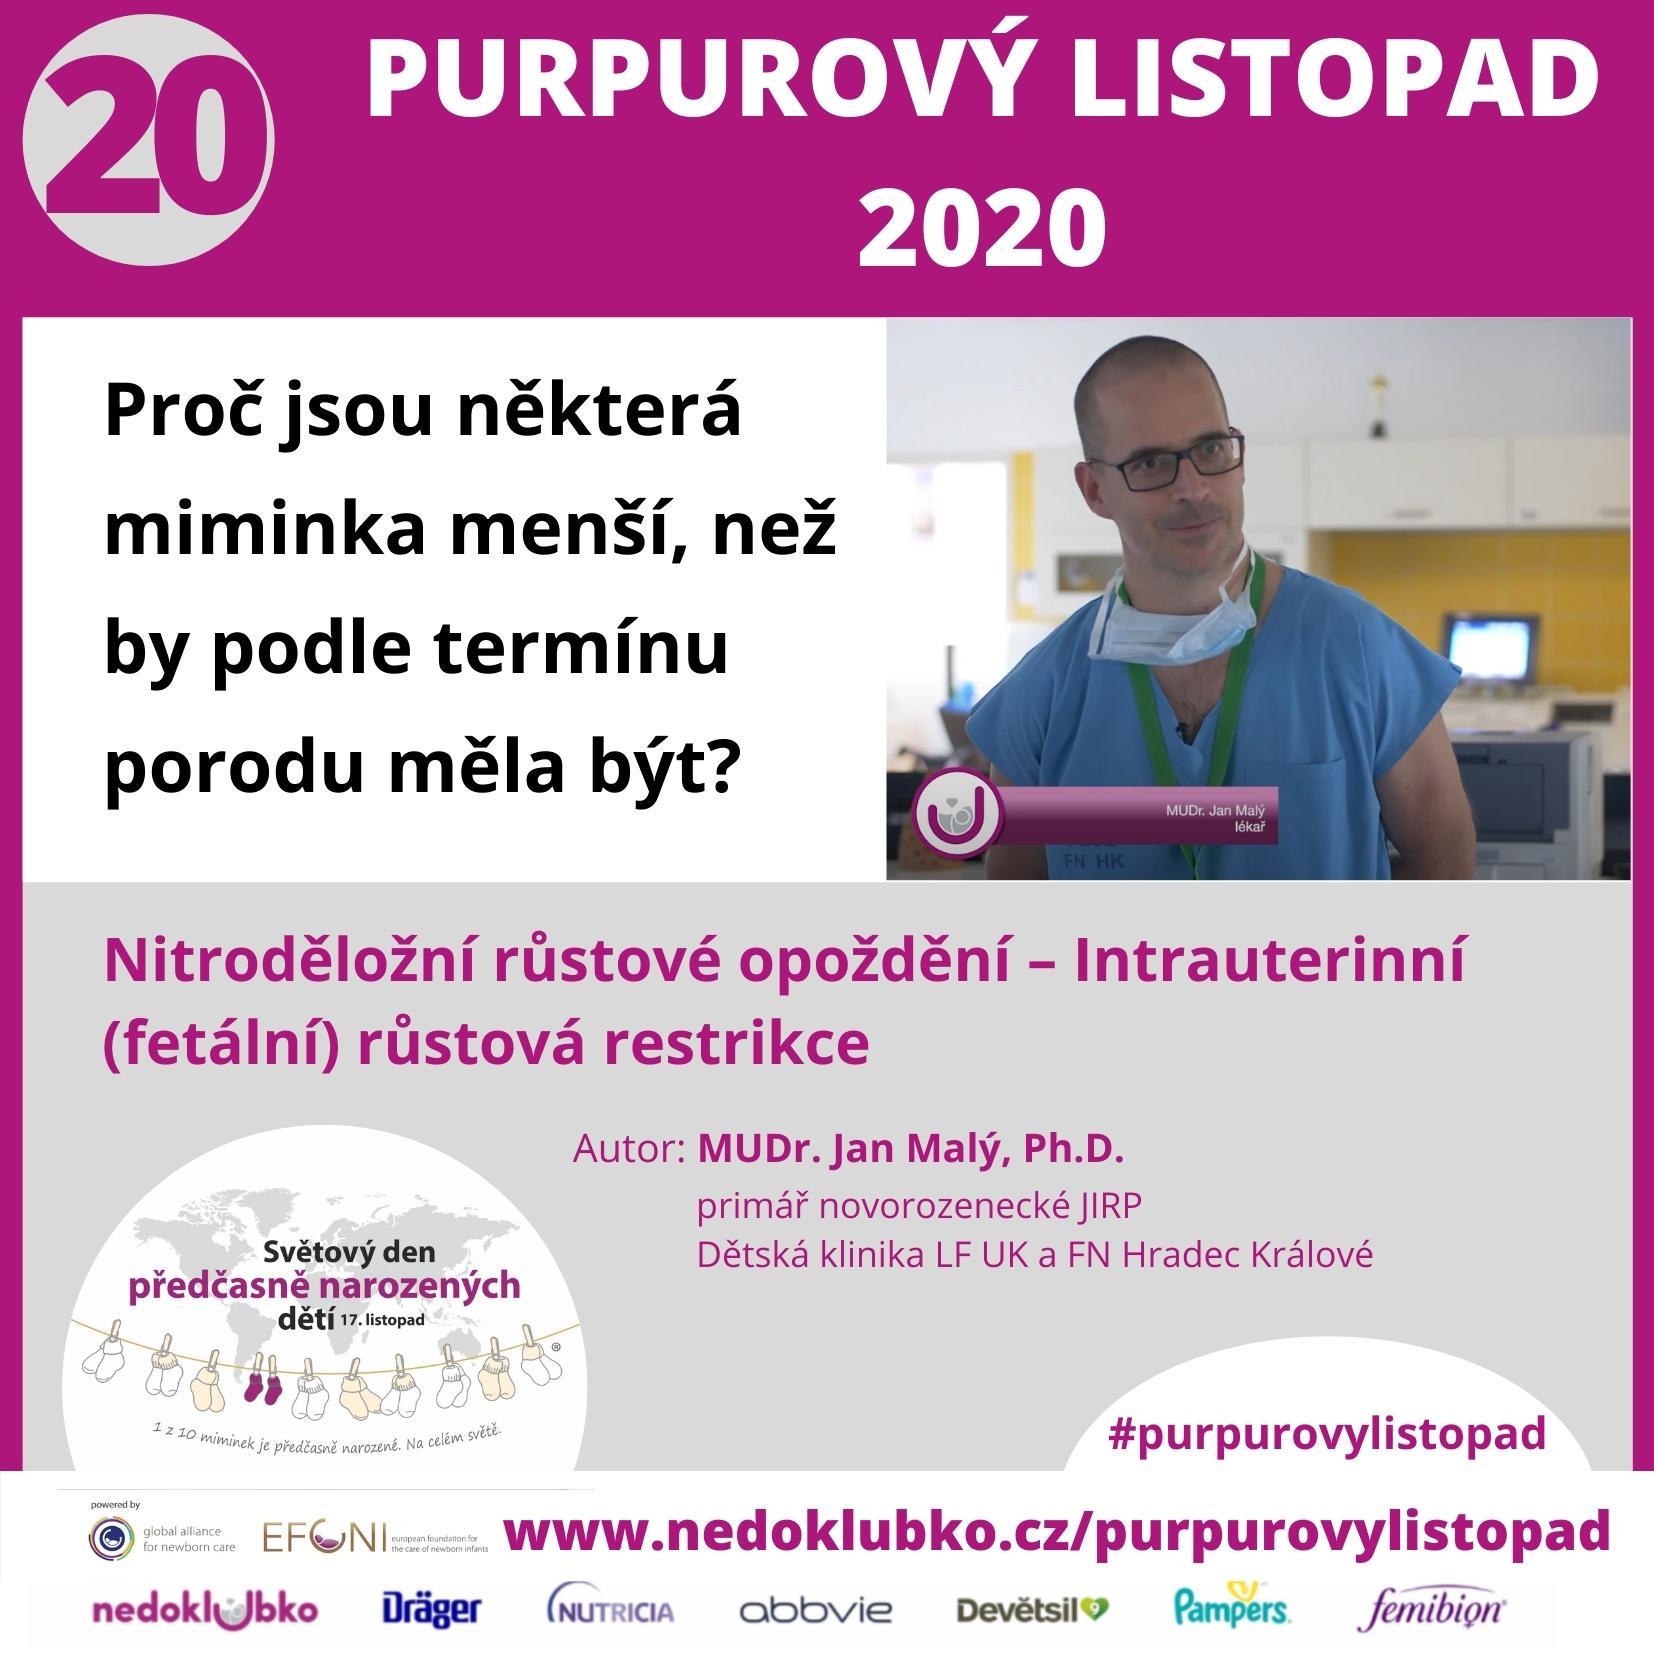 Purpurový listopad20 (1)